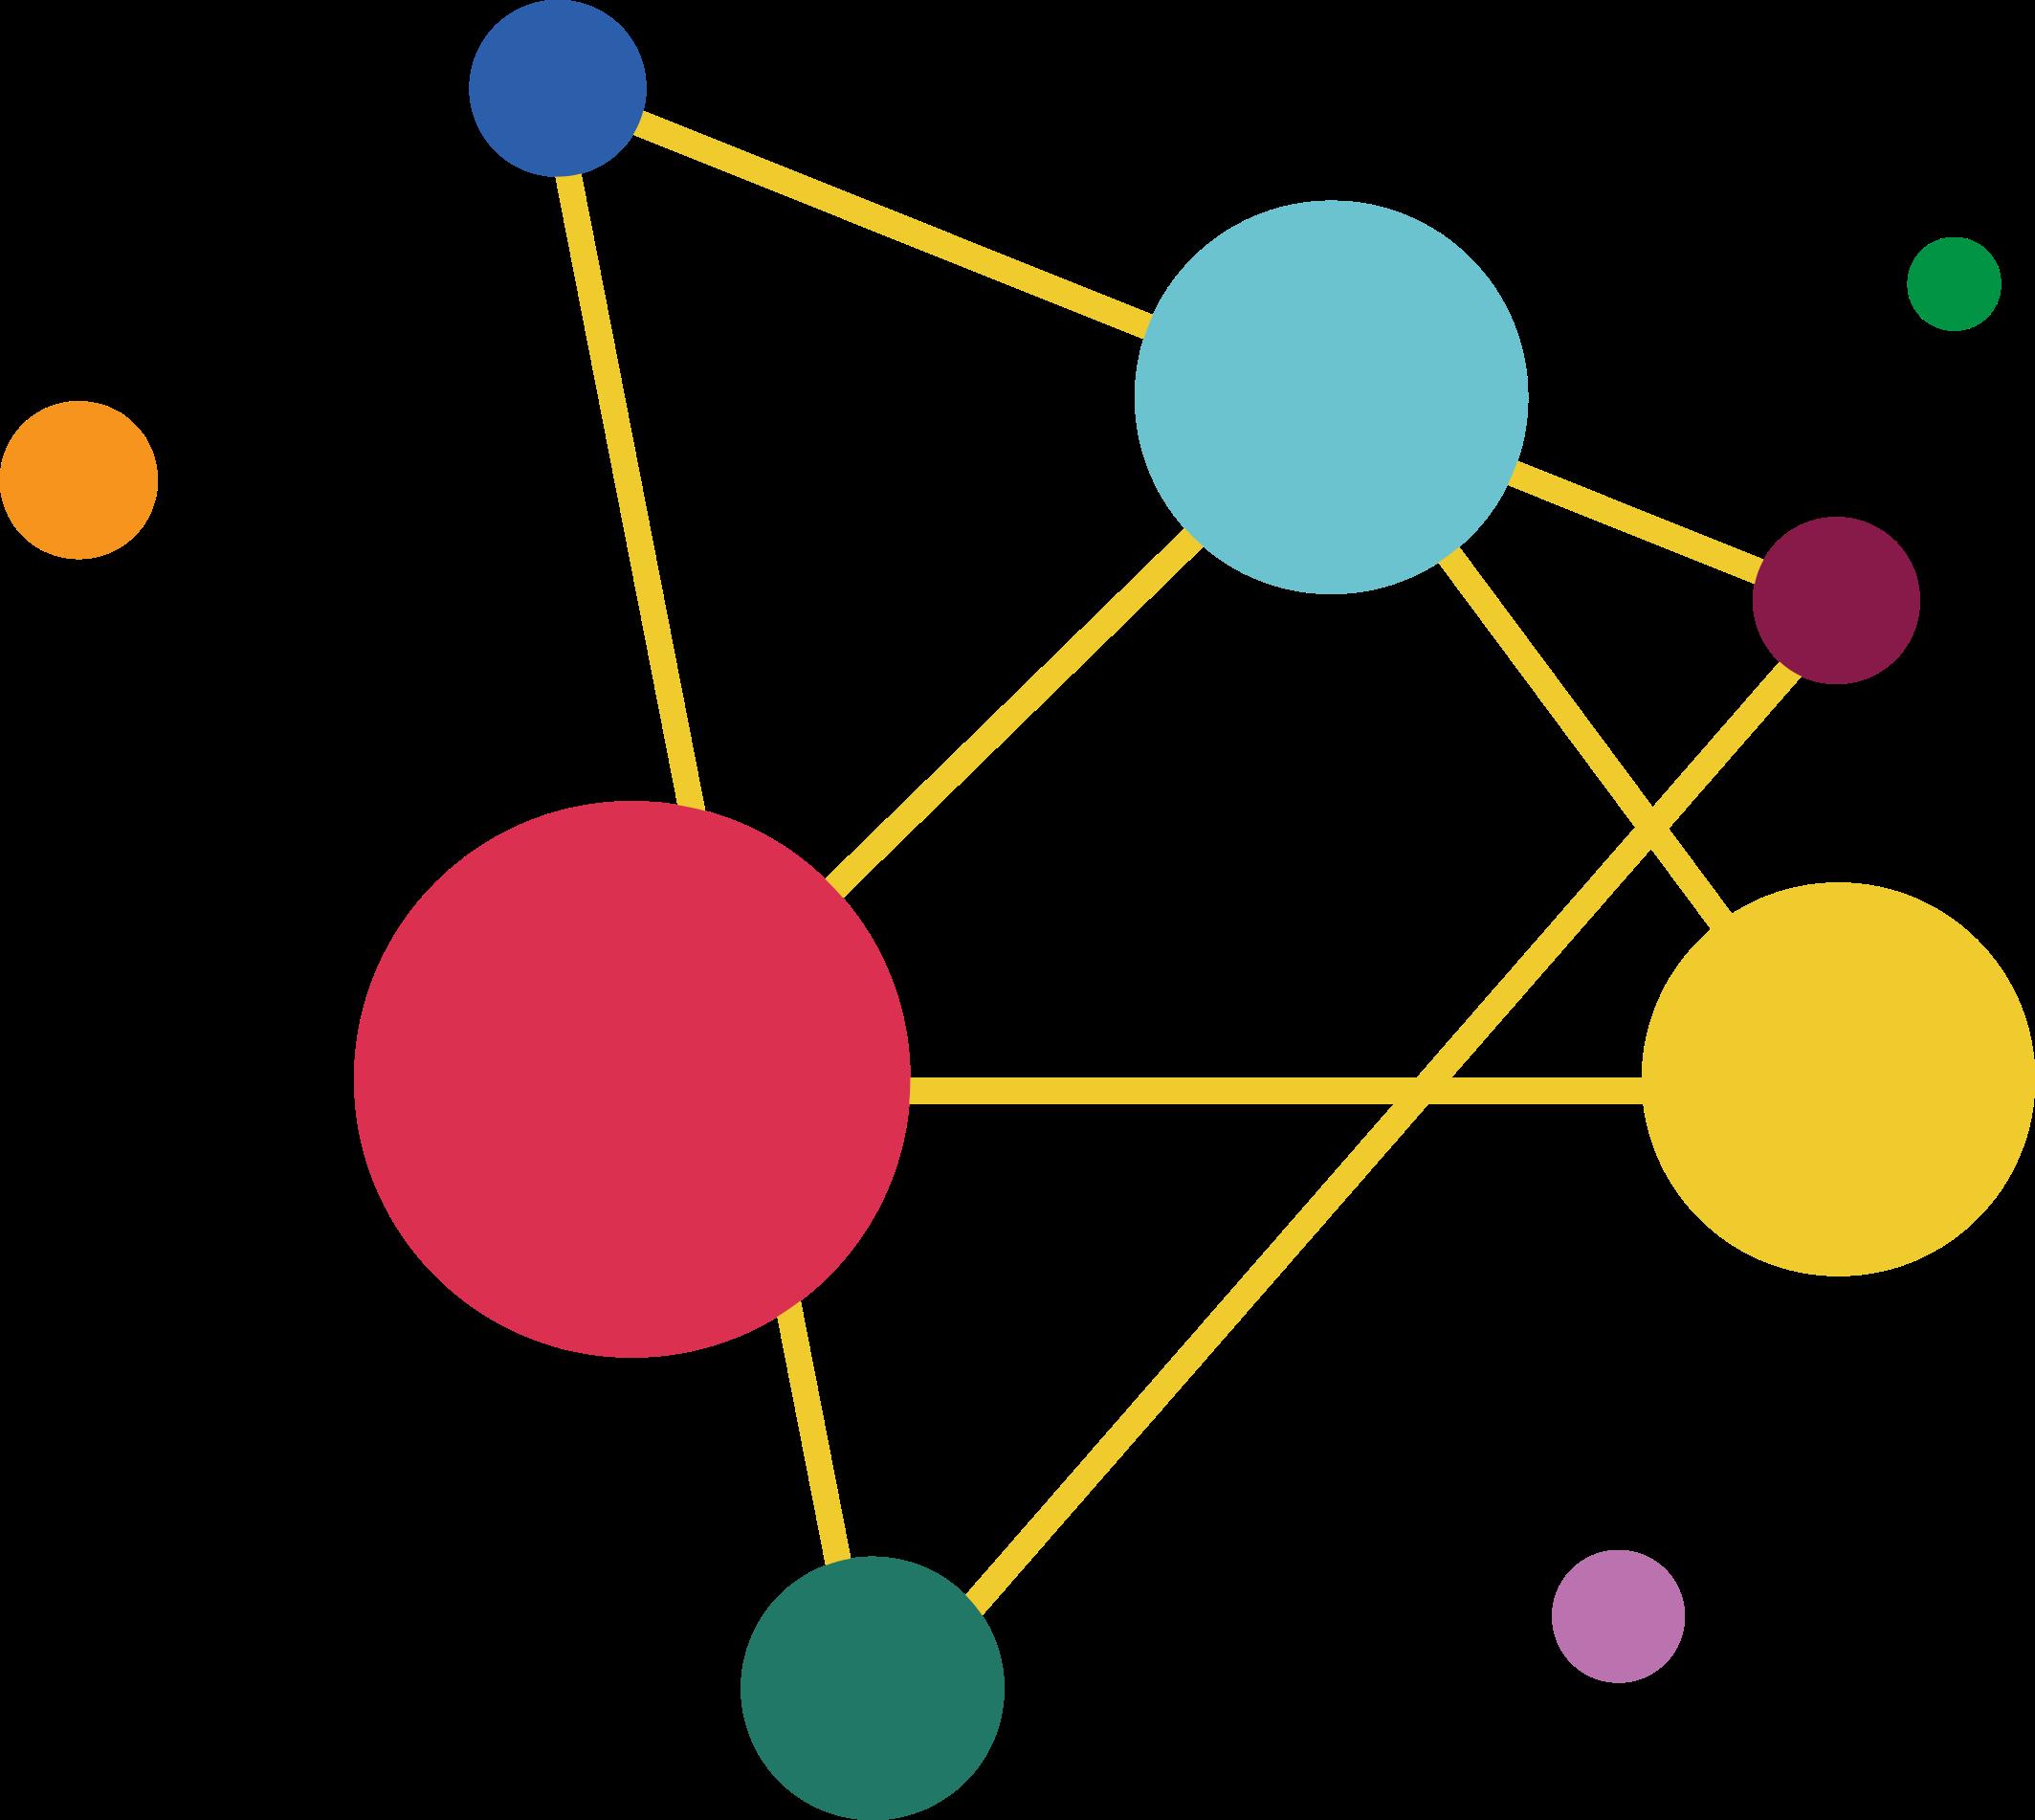 E-õppe korraldamisest Järveküla Koolis 13.03.-27.03.2020